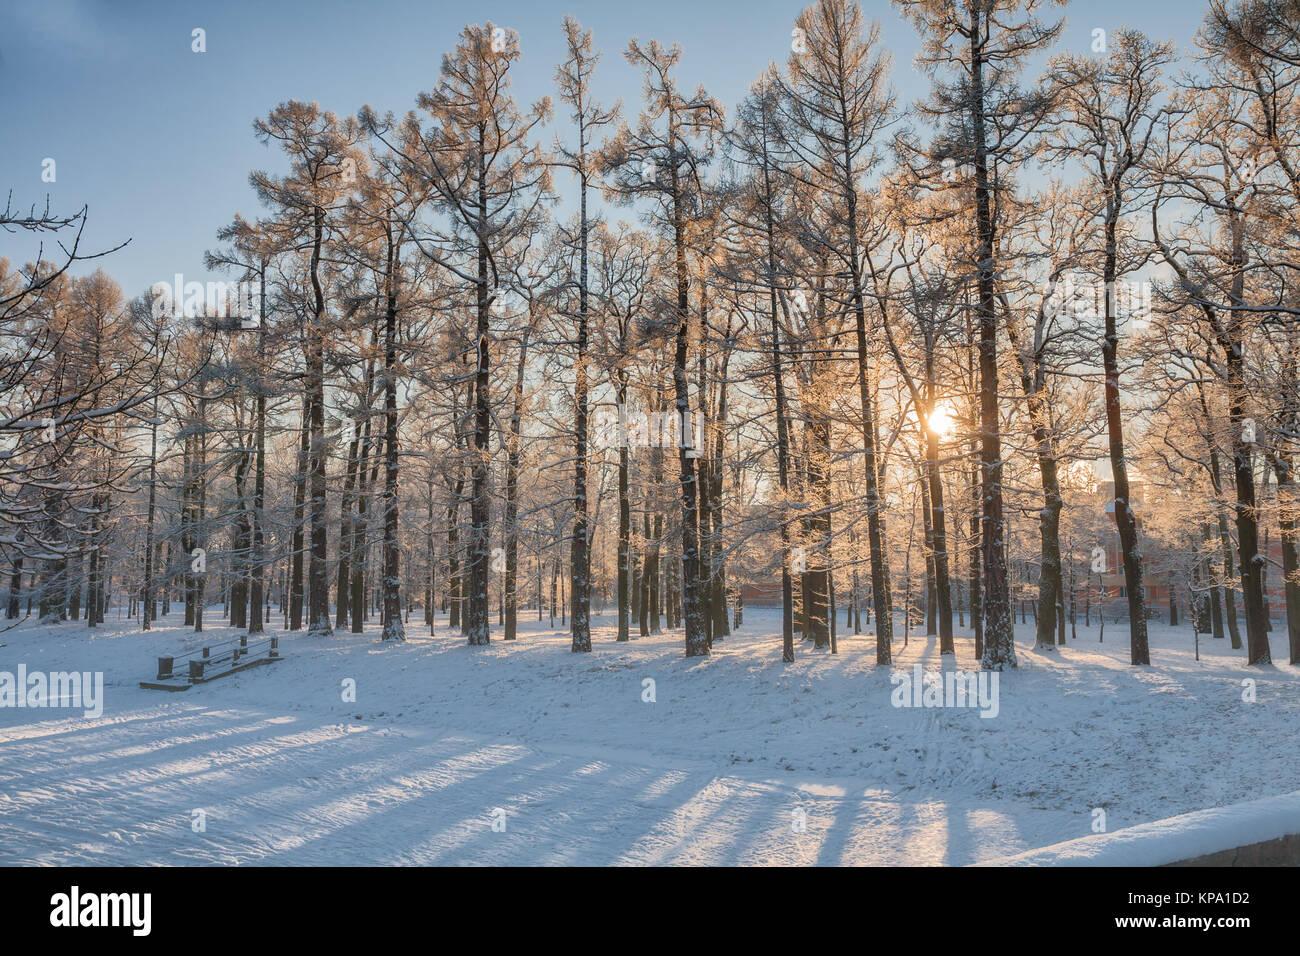 Niedrige Winter Sonne scheint durch das verschneite Bäume im Park, St. Petersburg, Russland Stockbild